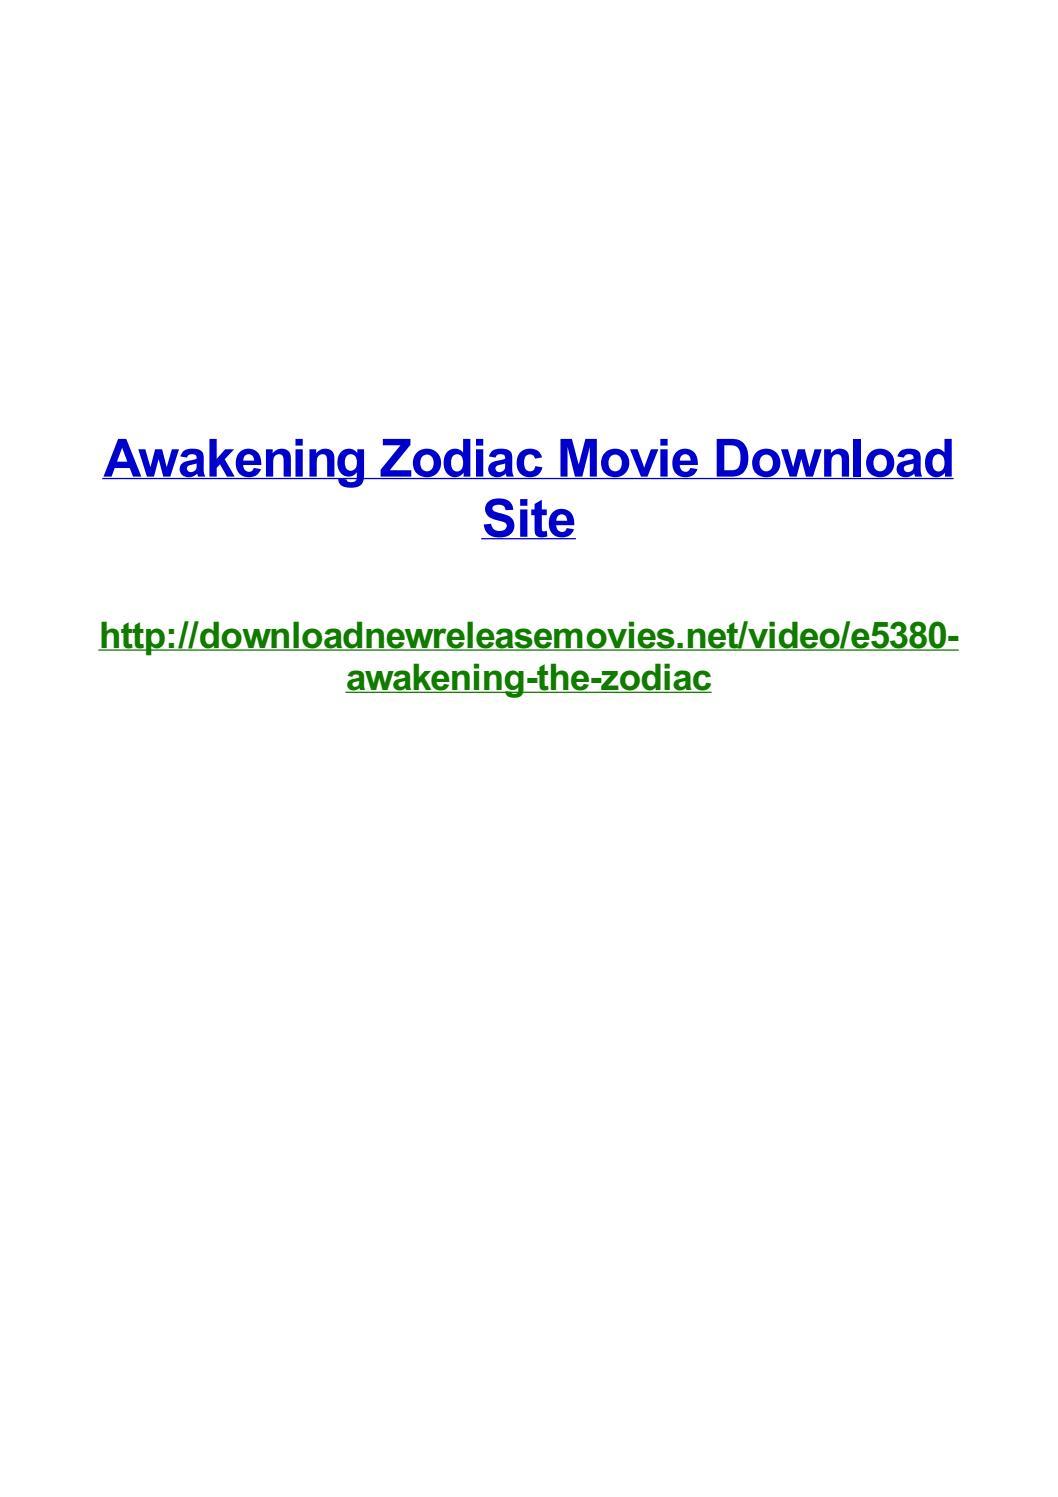 Awakening Zodiac Movie Download Site By Frank Seamons Issuu